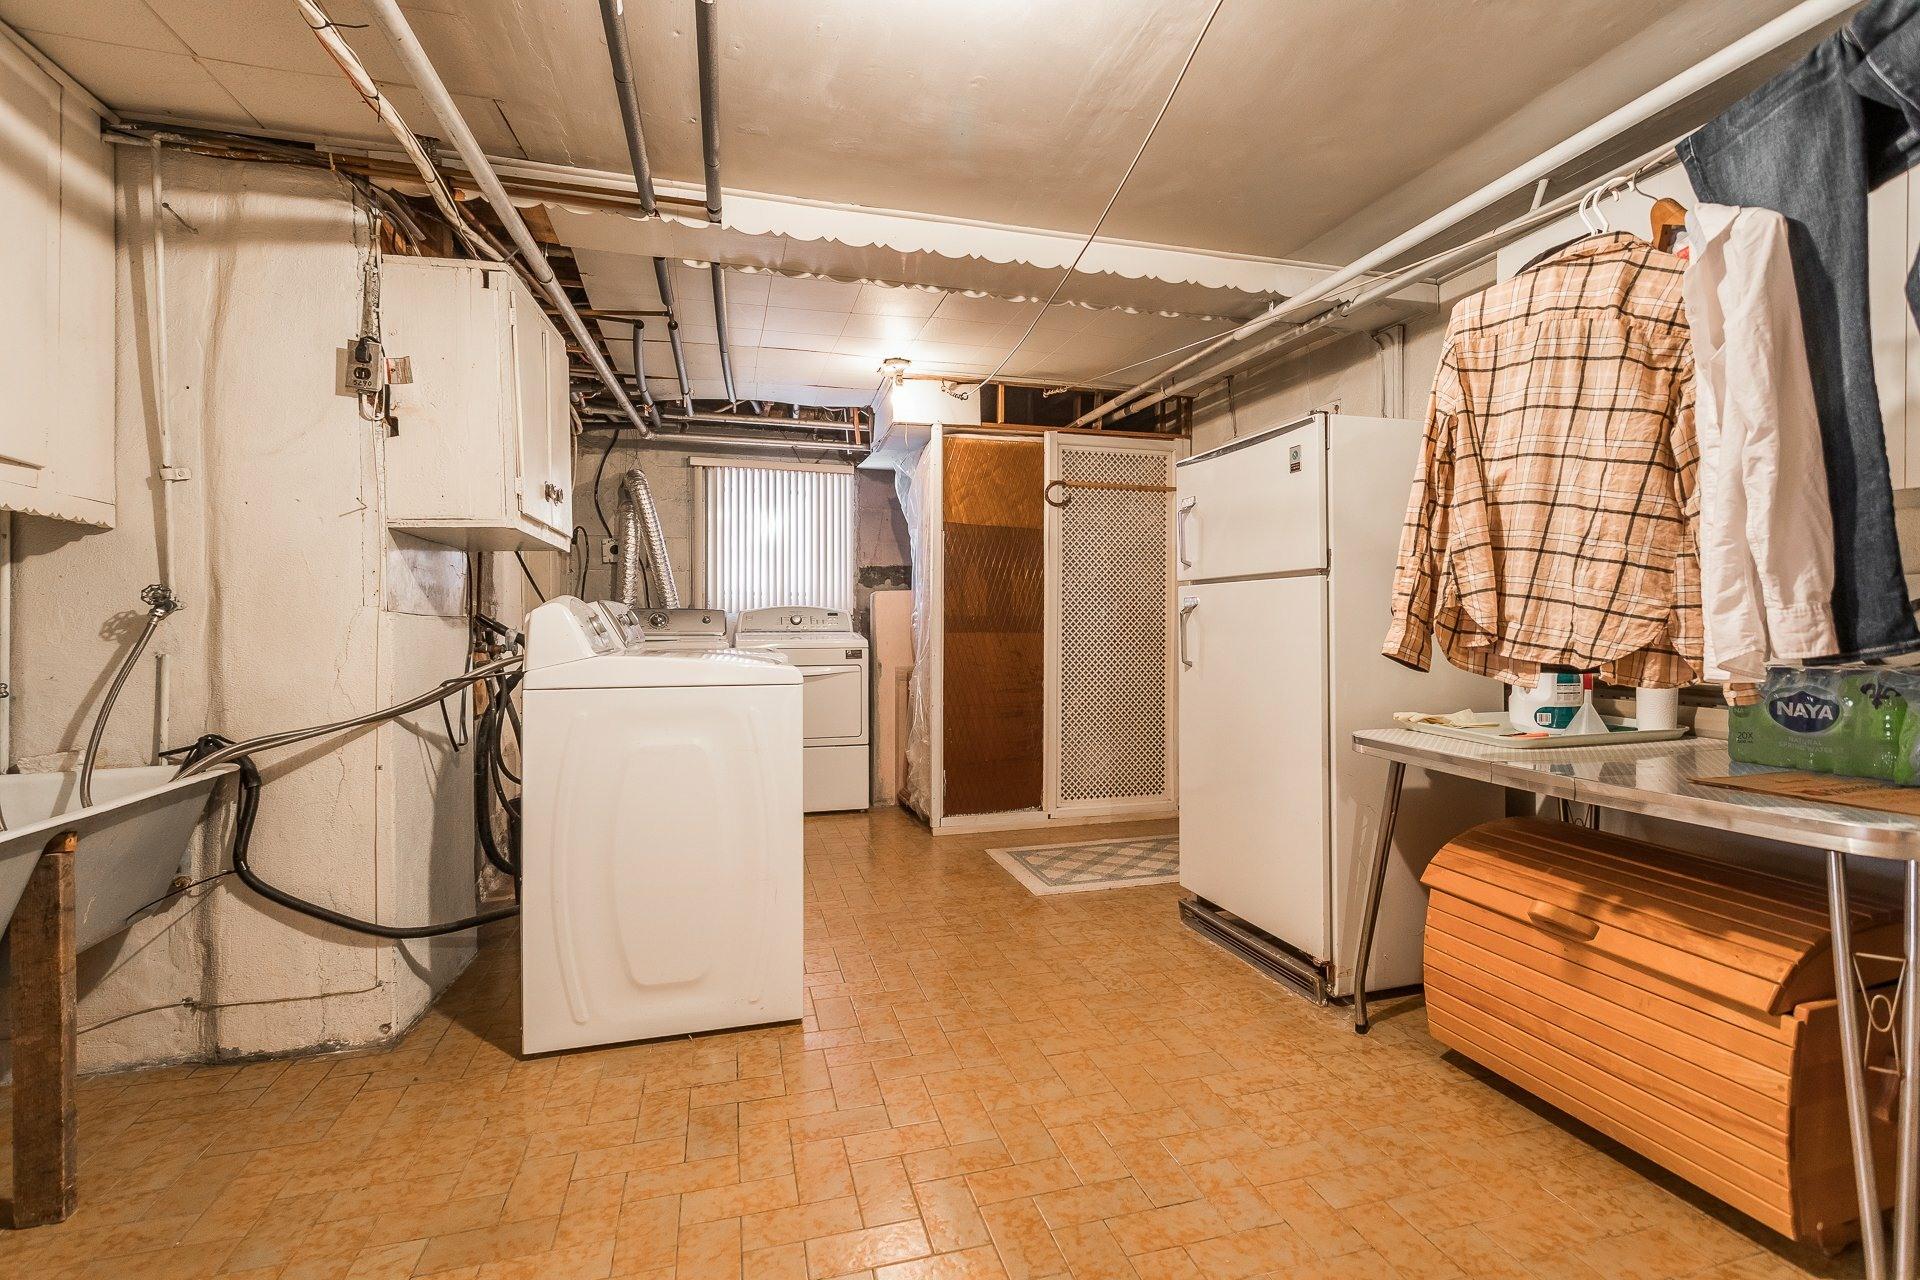 image 18 - Duplex À vendre Côte-des-Neiges/Notre-Dame-de-Grâce Montréal  - 5 pièces